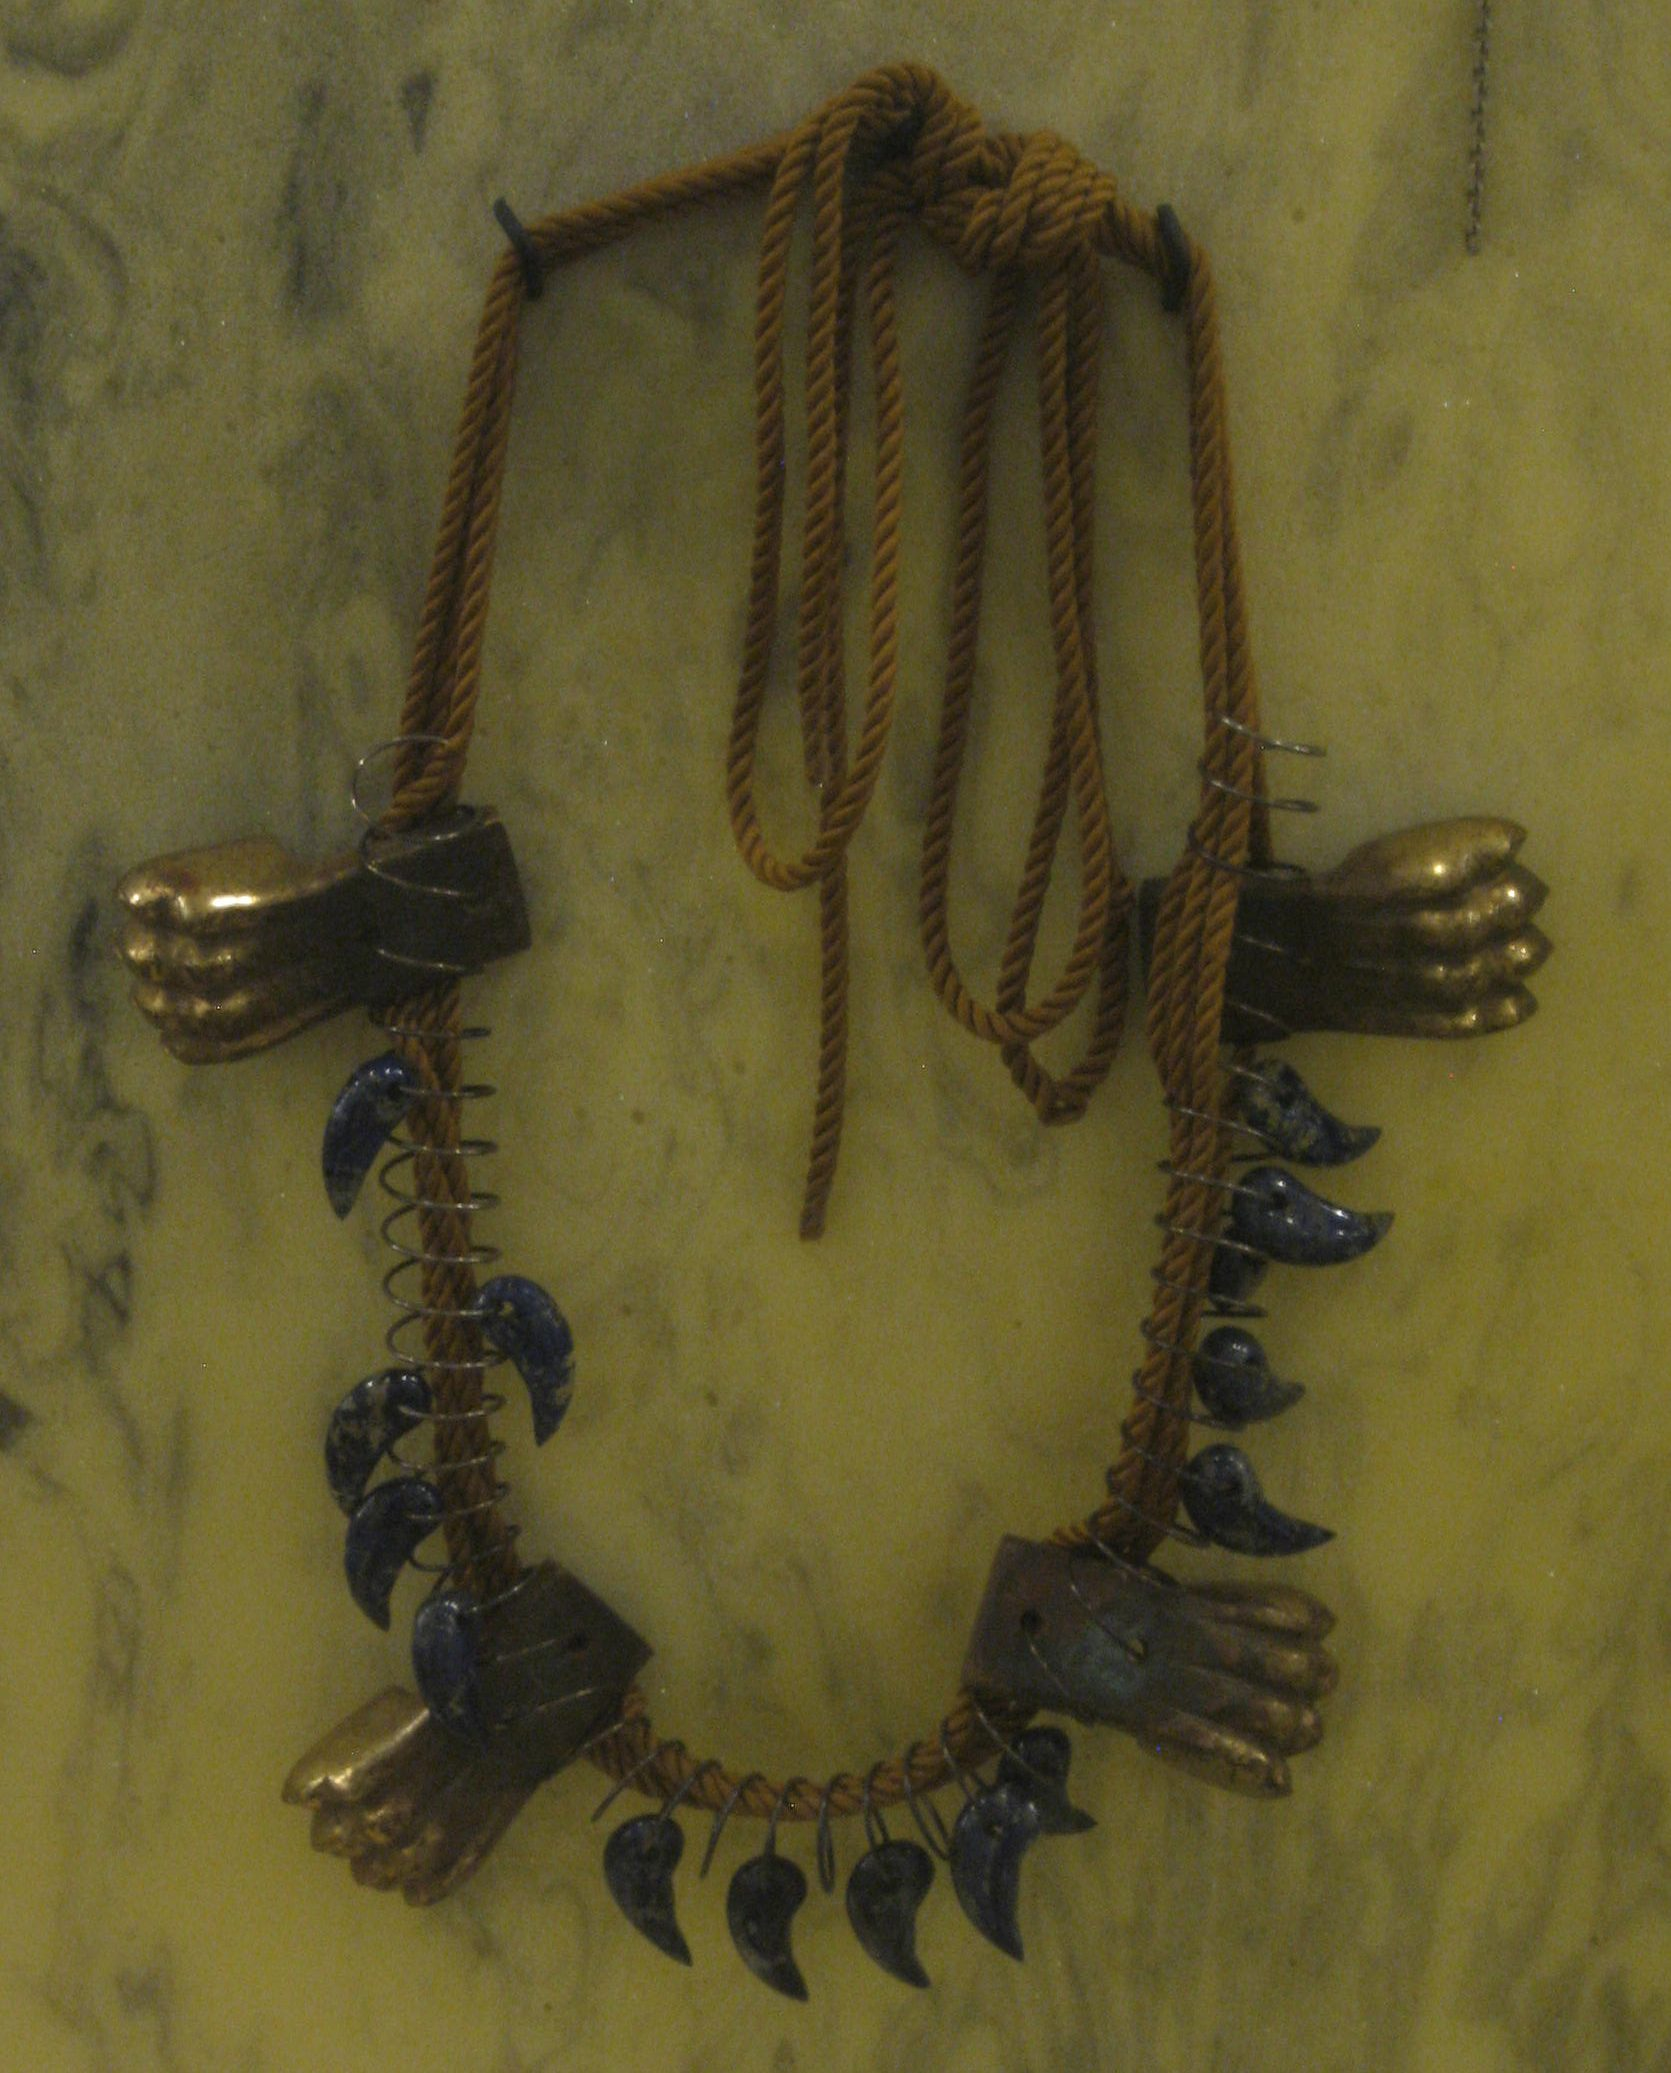 Alina Alamorean, Dans les Griffes du Lion, halssieraad, 2013. Collectie S. Thierry-de Saint Rapt, metaal, touw, steen